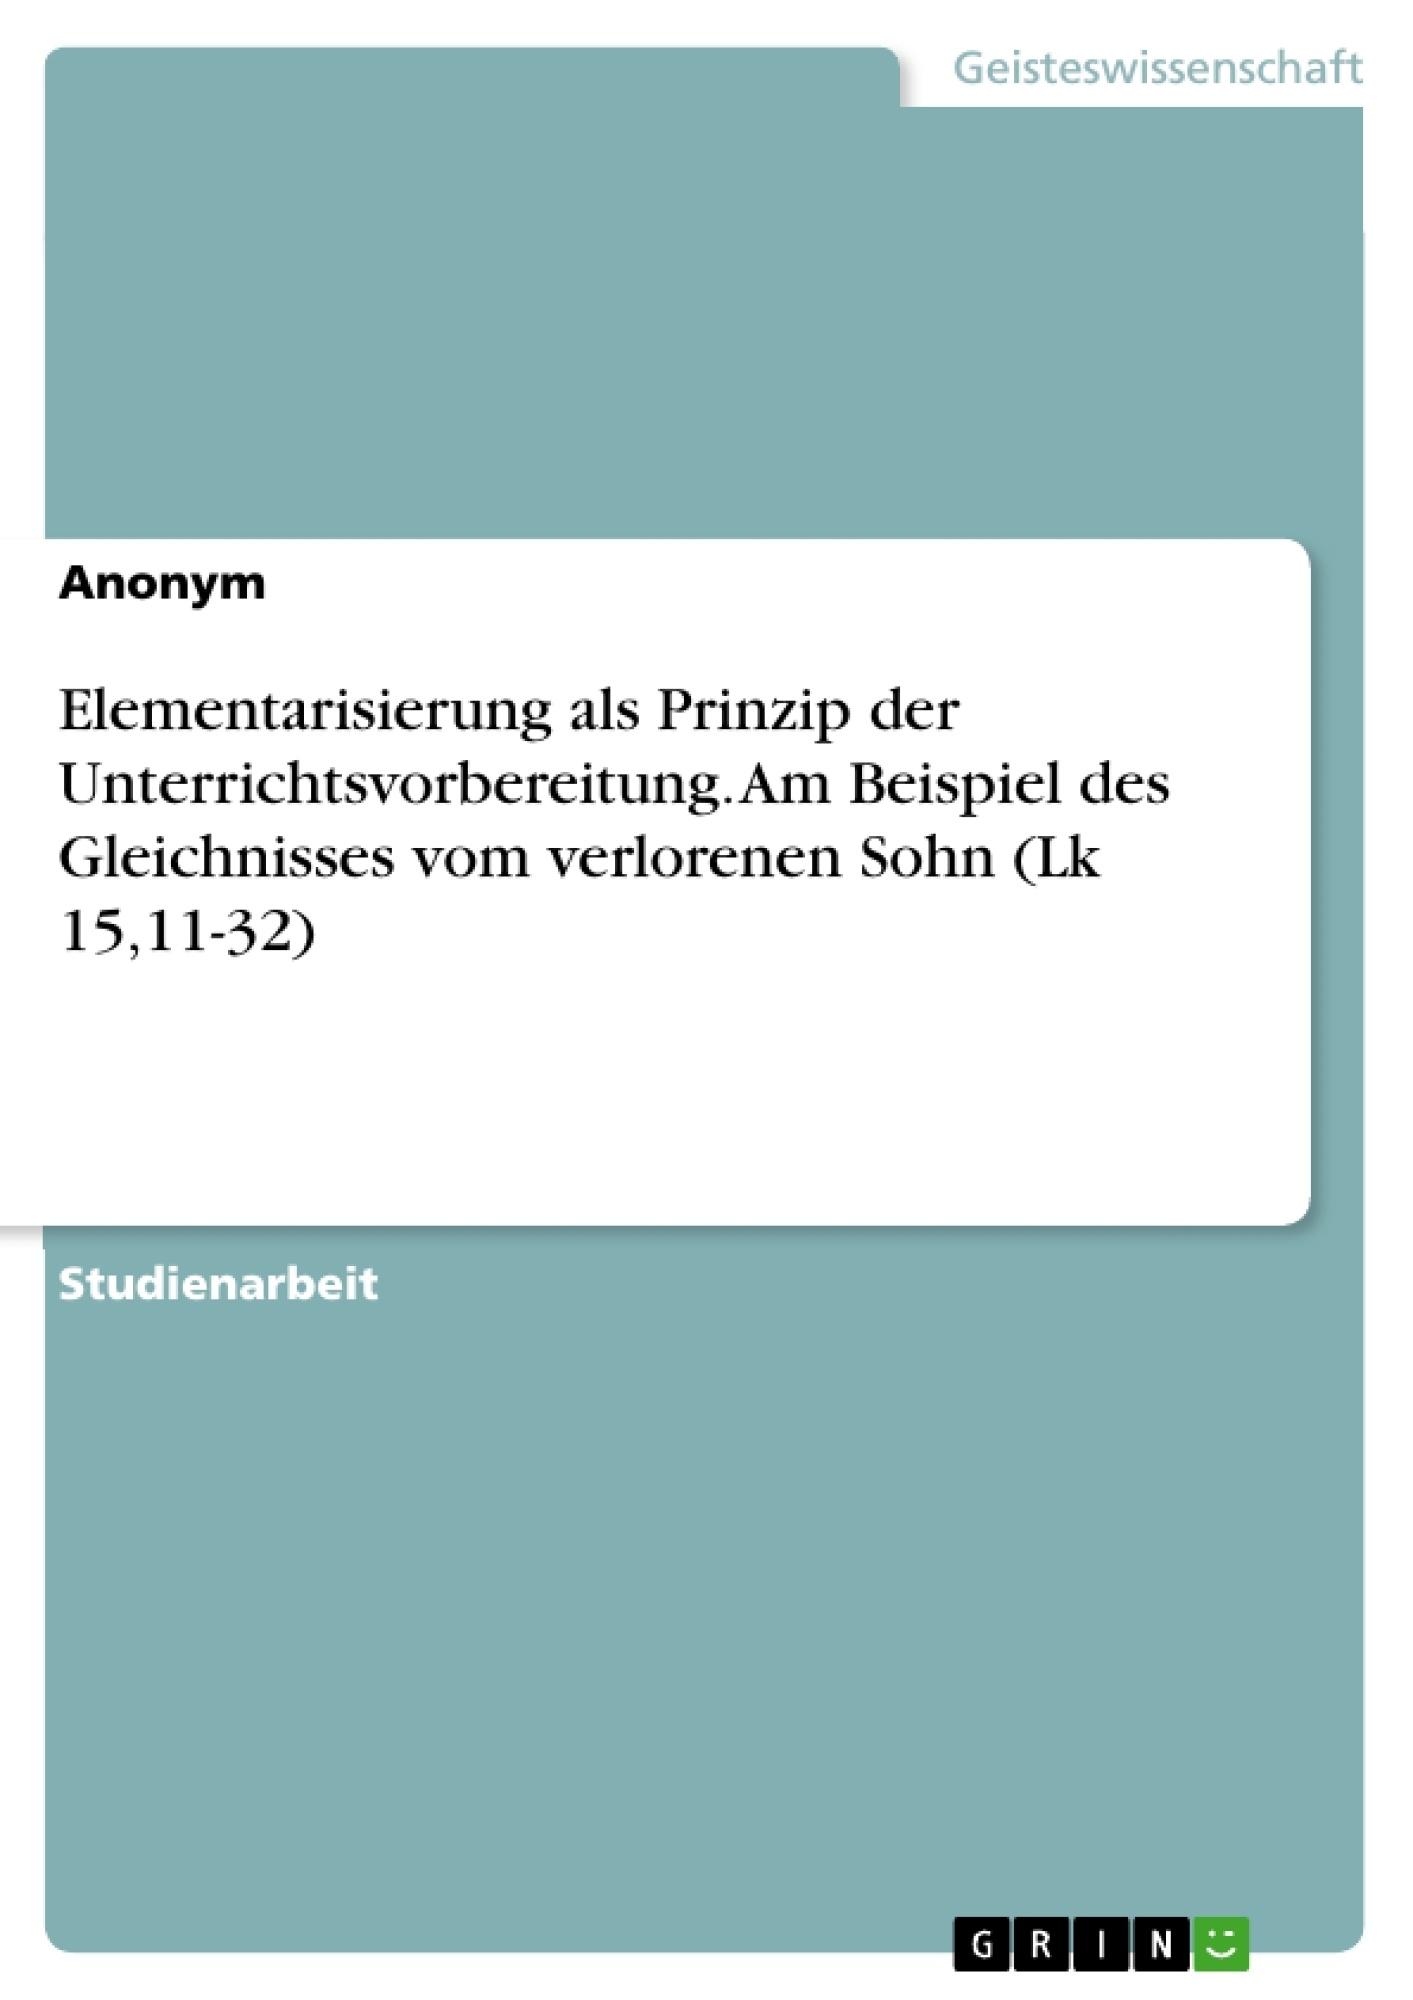 Titel: Elementarisierung als Prinzip der Unterrichtsvorbereitung. Am Beispiel des Gleichnisses vom verlorenen Sohn (Lk 15,11-32)